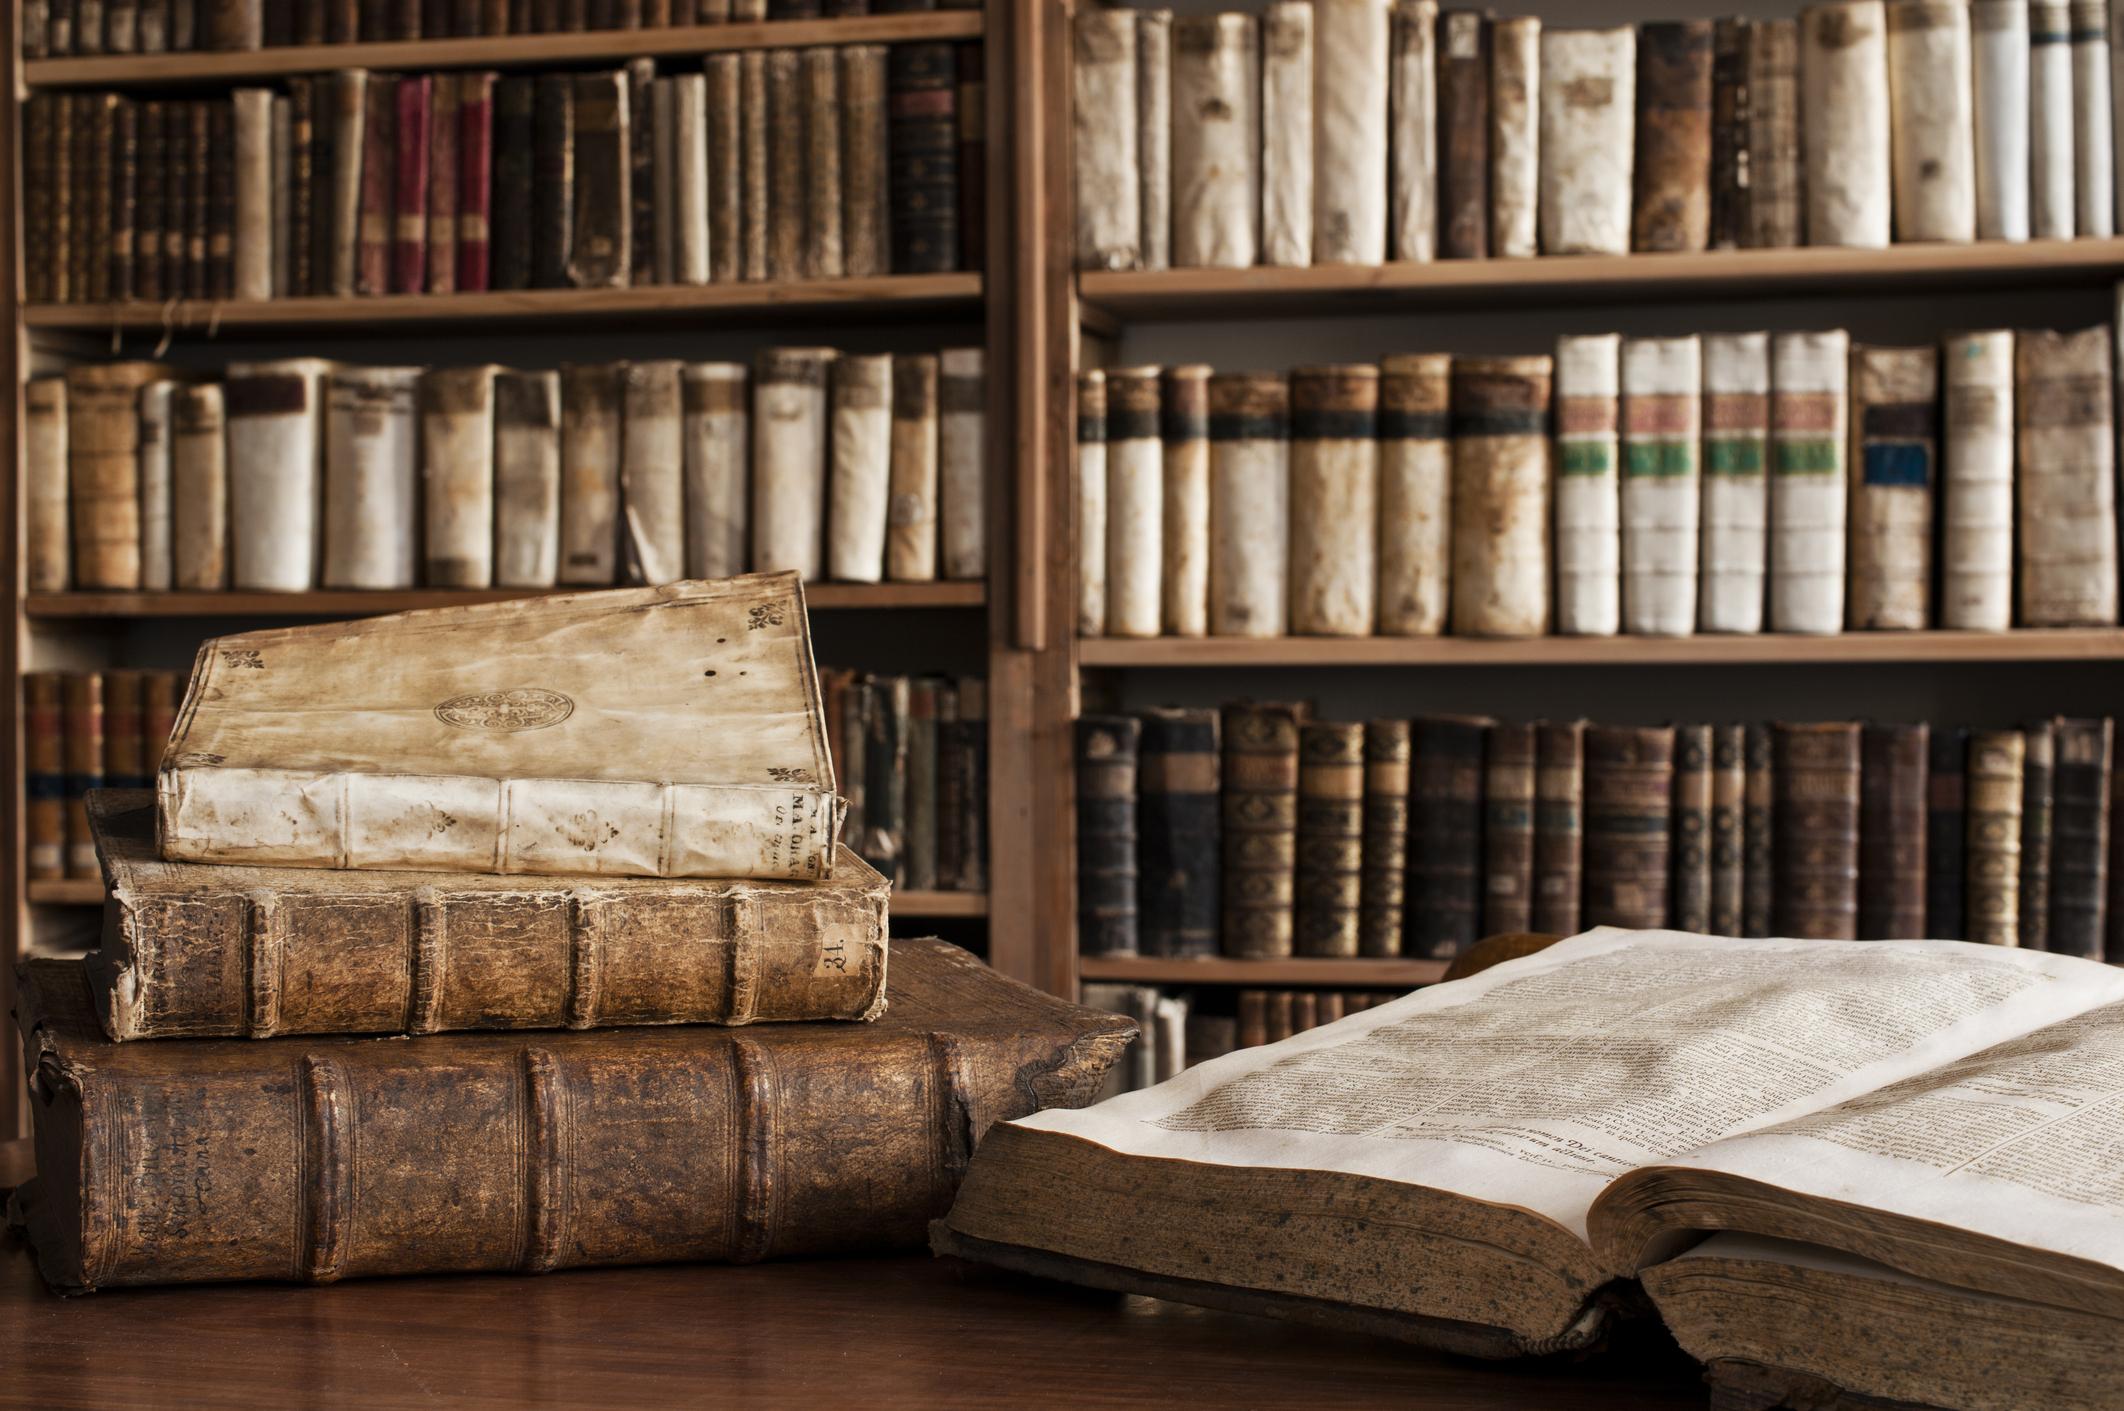 Utbildningens Bakgrund Och Historia